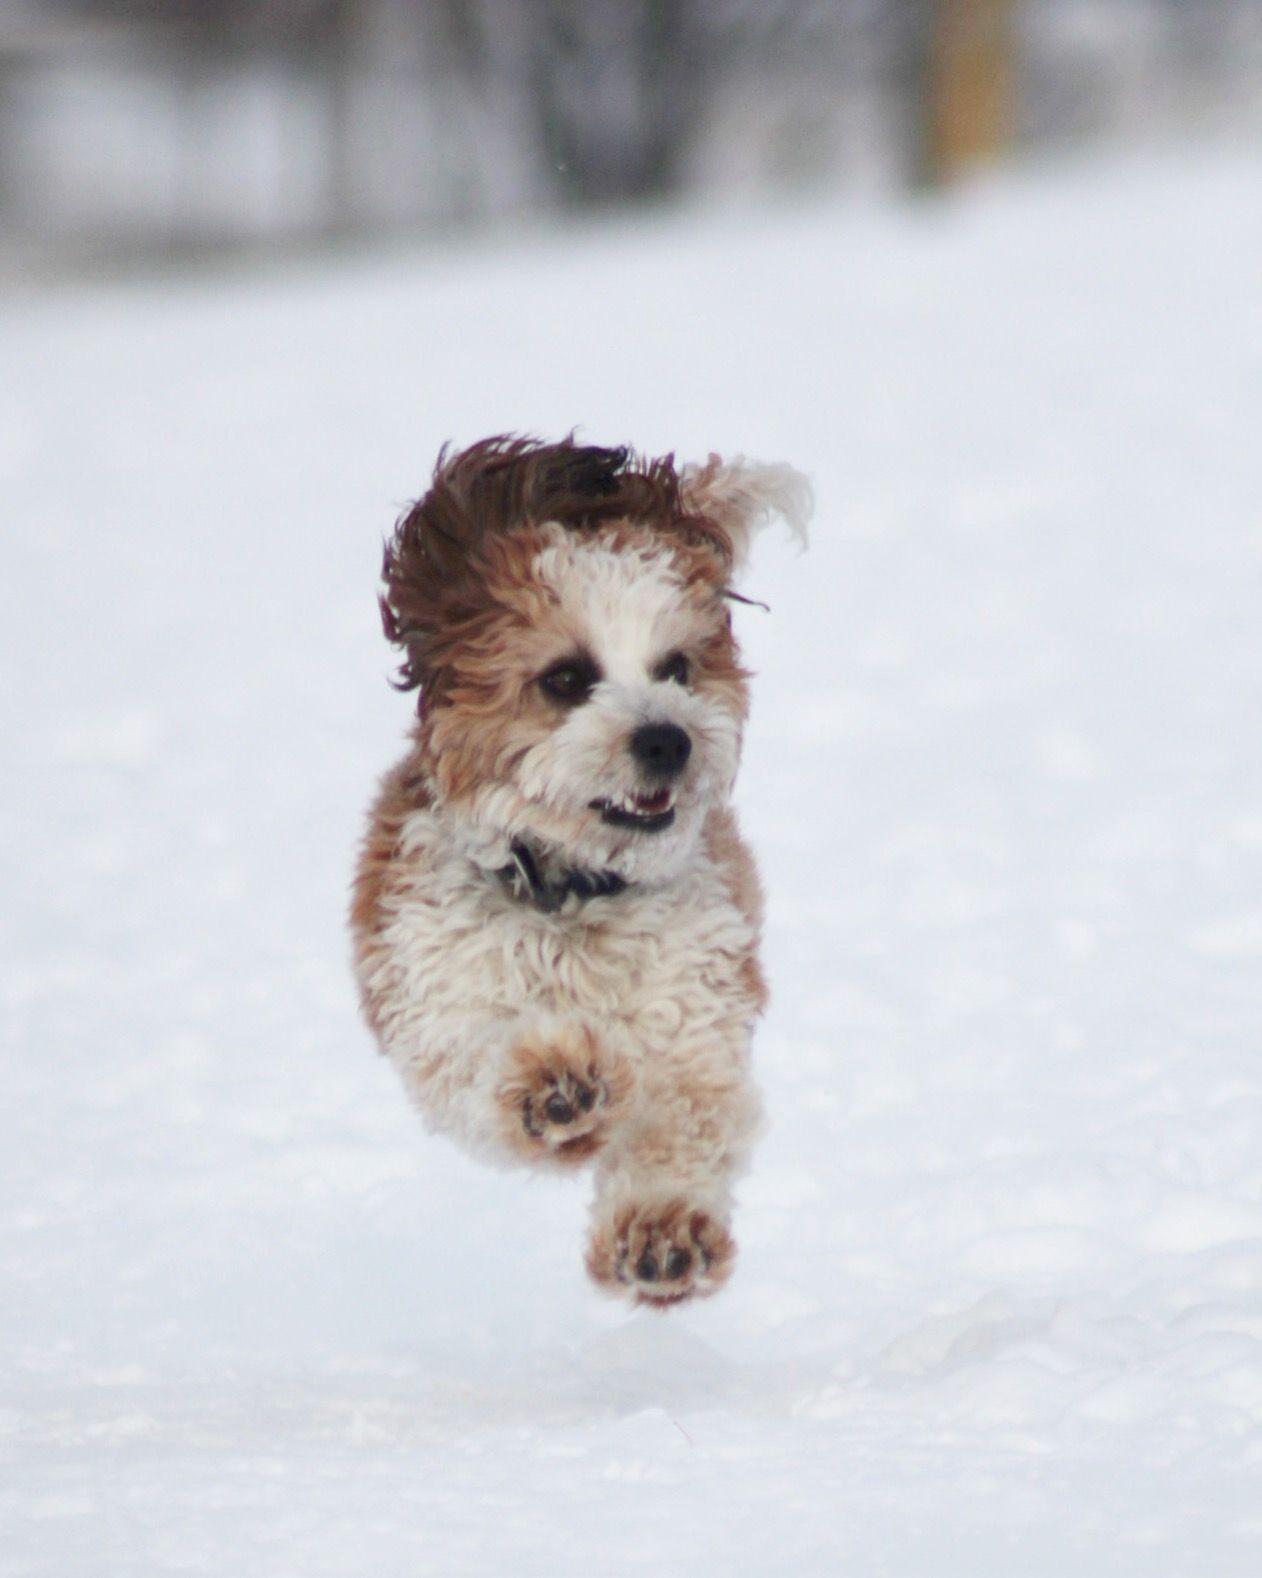 Shichon puppies for sale in kentucky - Shichon Snow Fun Zuchon Bichon Shih Tzu Puppies